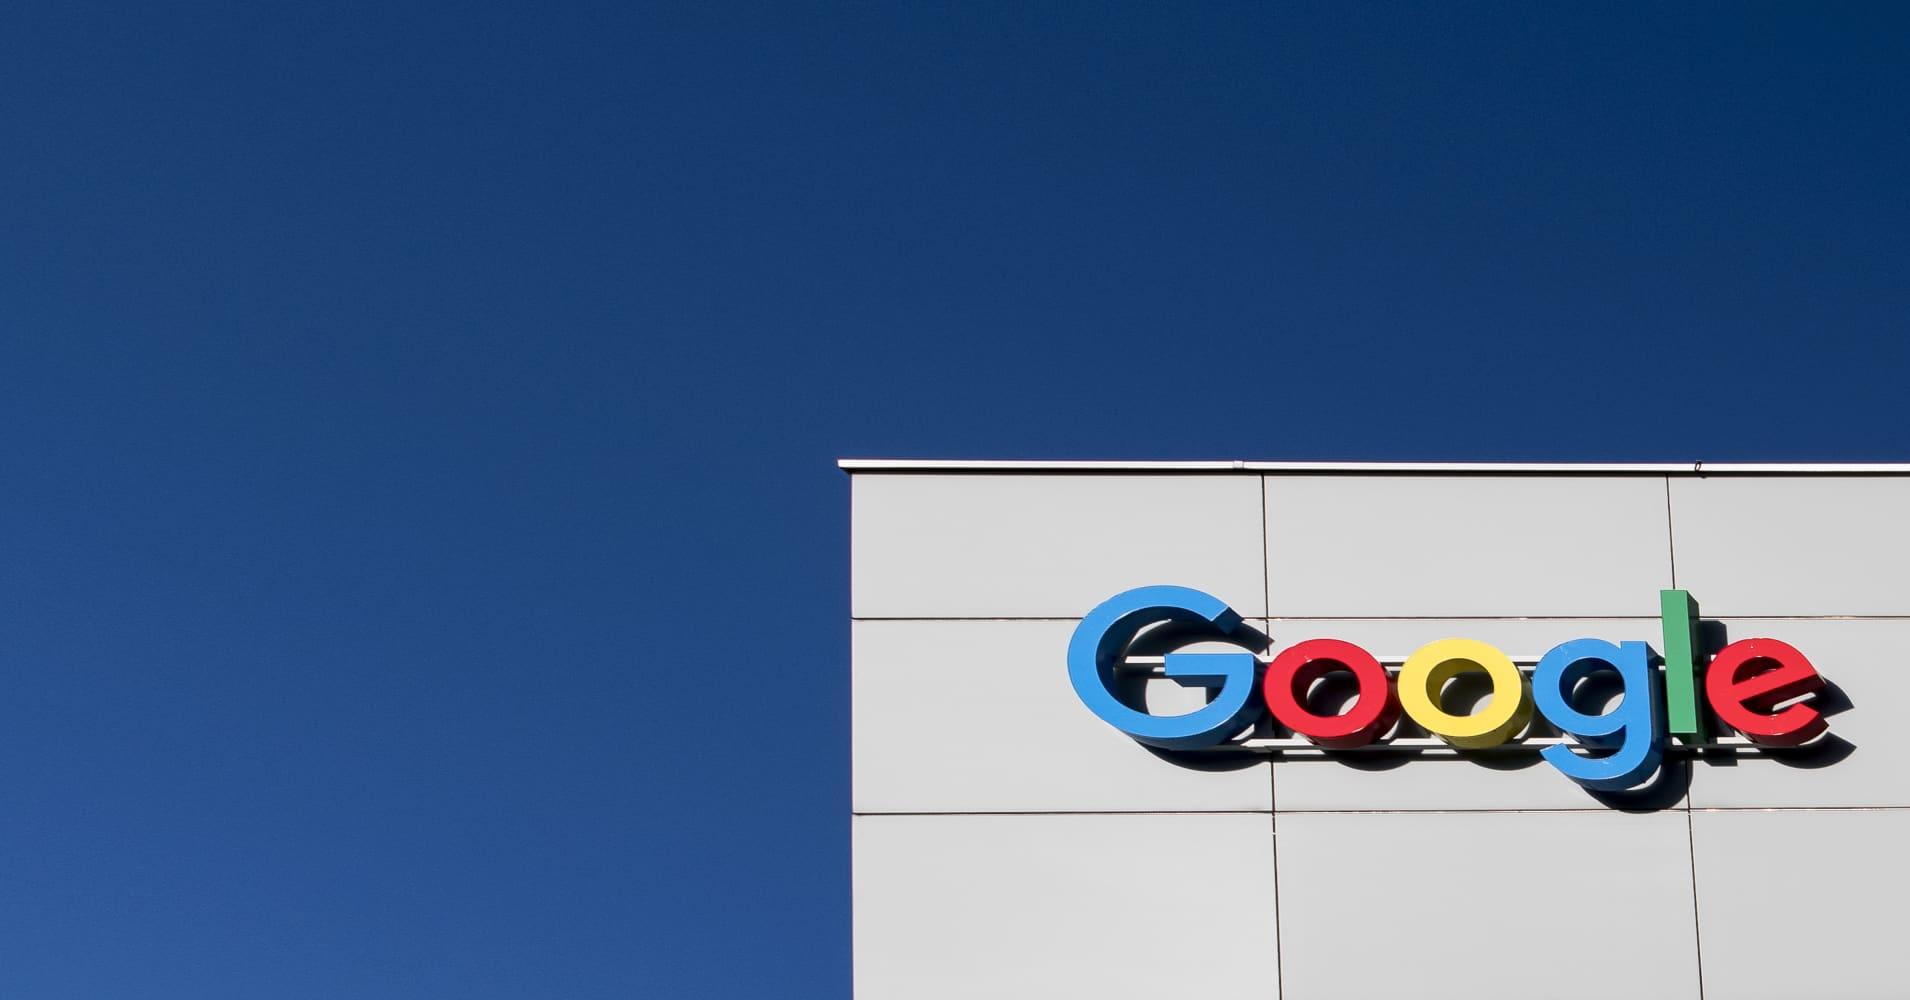 Google announces plans for a new data center in Denmark